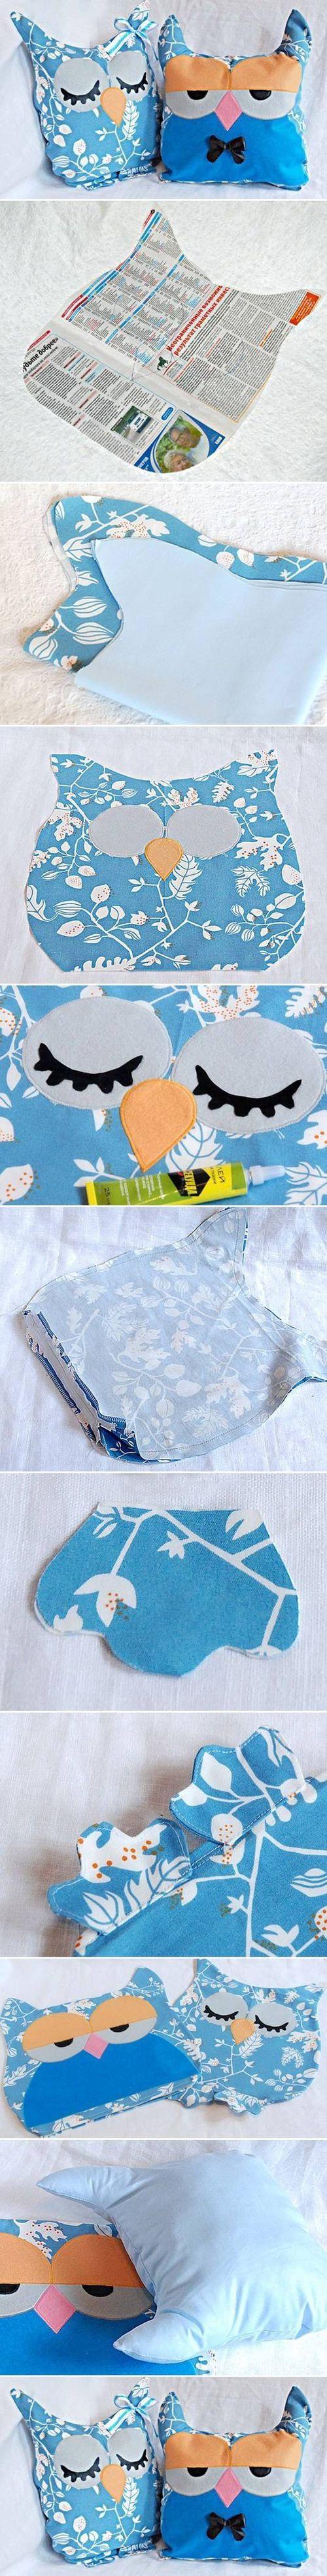 DIY Owl Pillow diy sew crafts craft ideas easy crafts diy ideas diy idea diy home diy pillows easy diy for the home crafty decor home ideas diy decorations diy sewing sewing ideas craft sewing